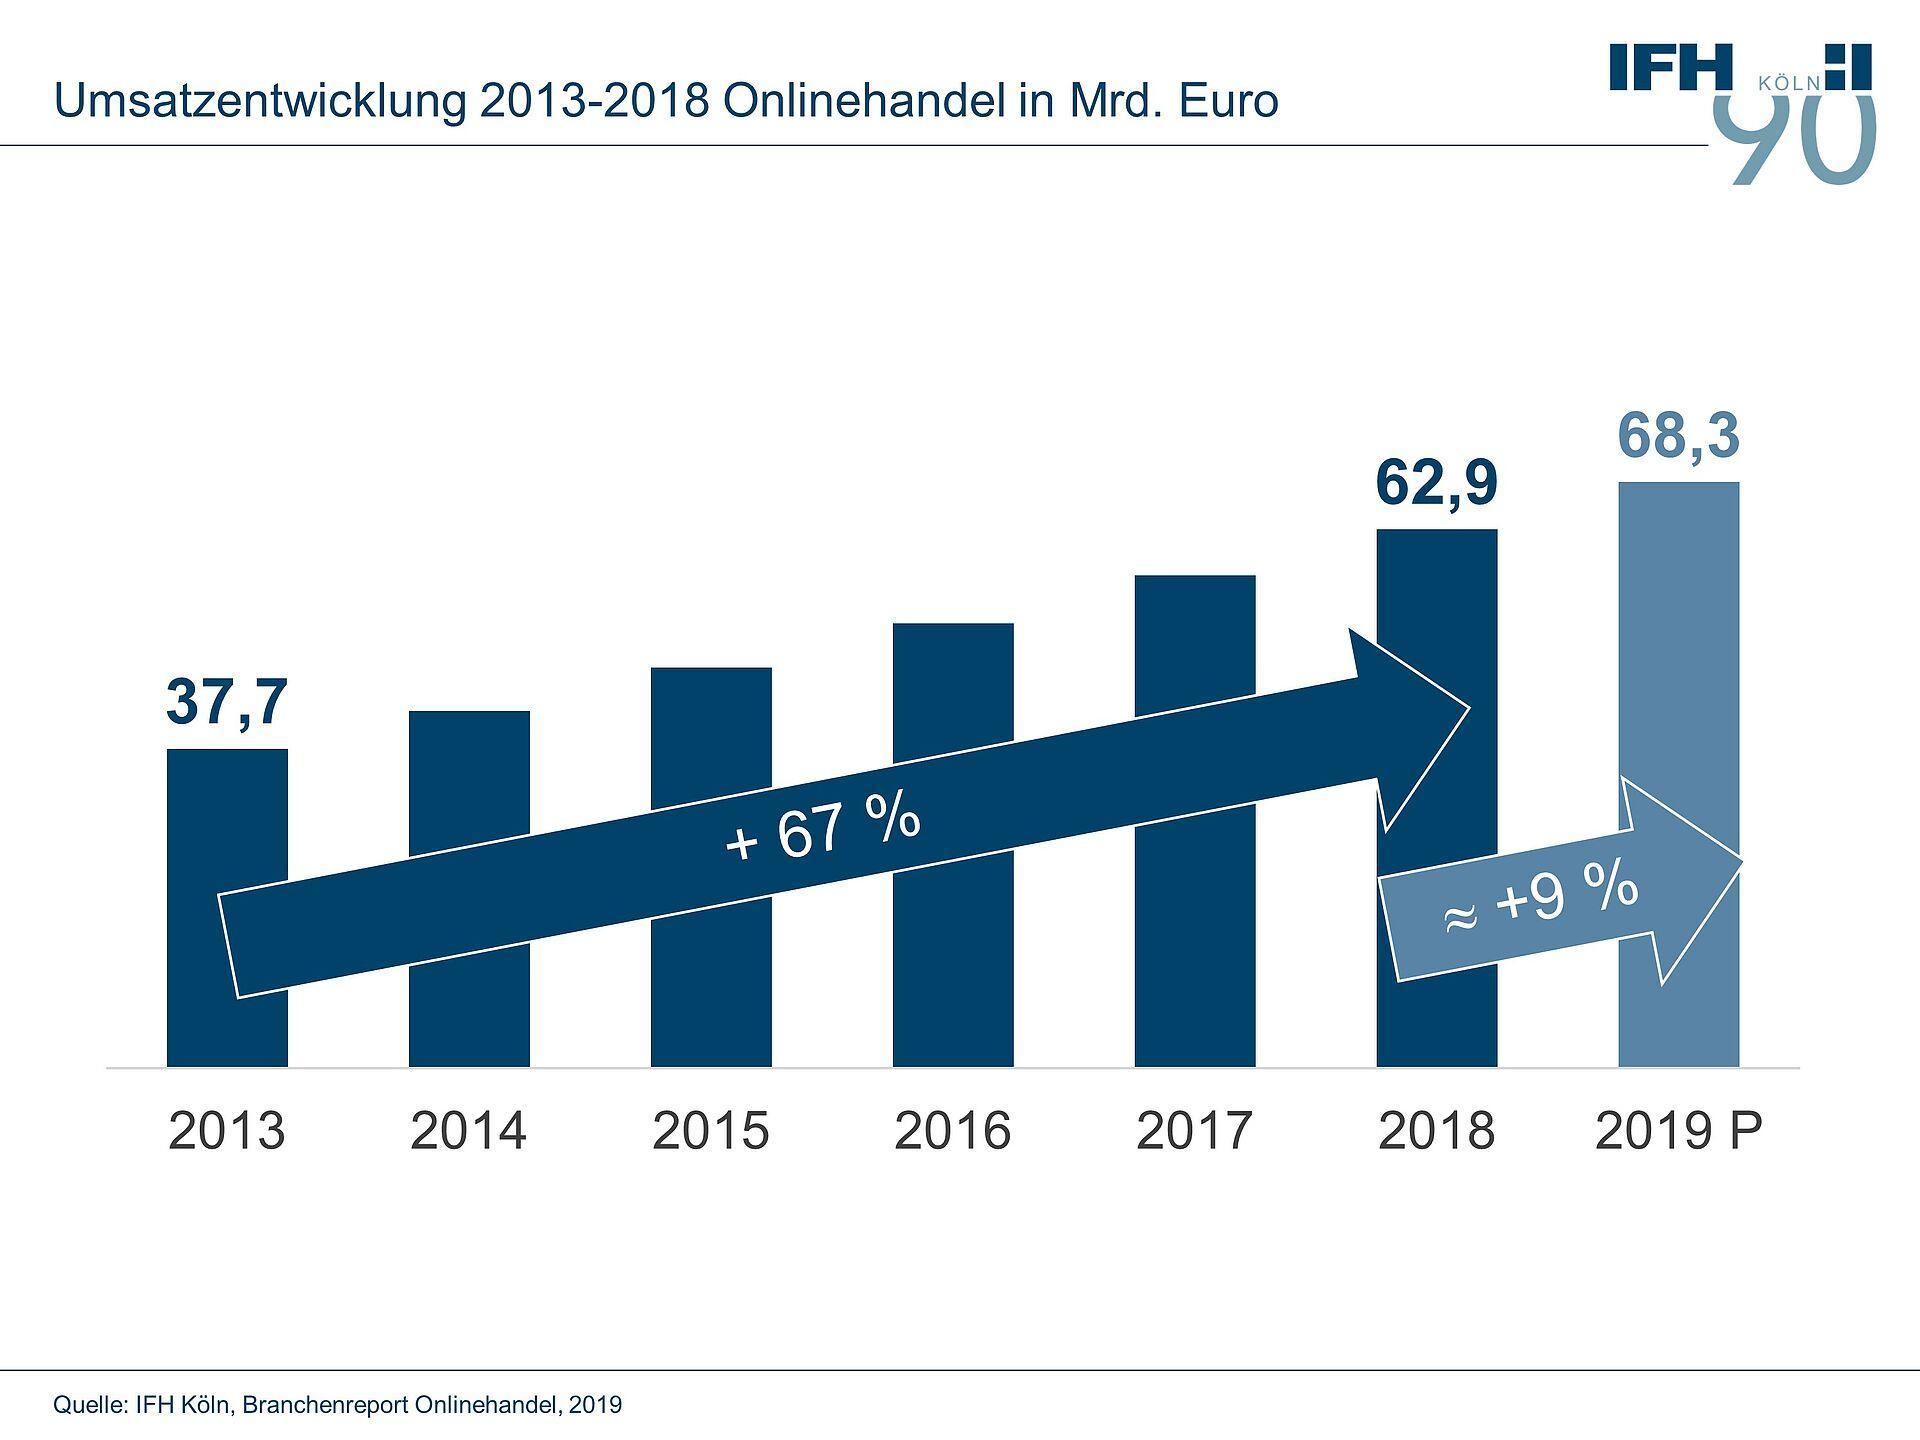 IFH Köln prognostiziert: Umsätze im Onlinehandel steigen 2019 auf 68 Milliarden Euro